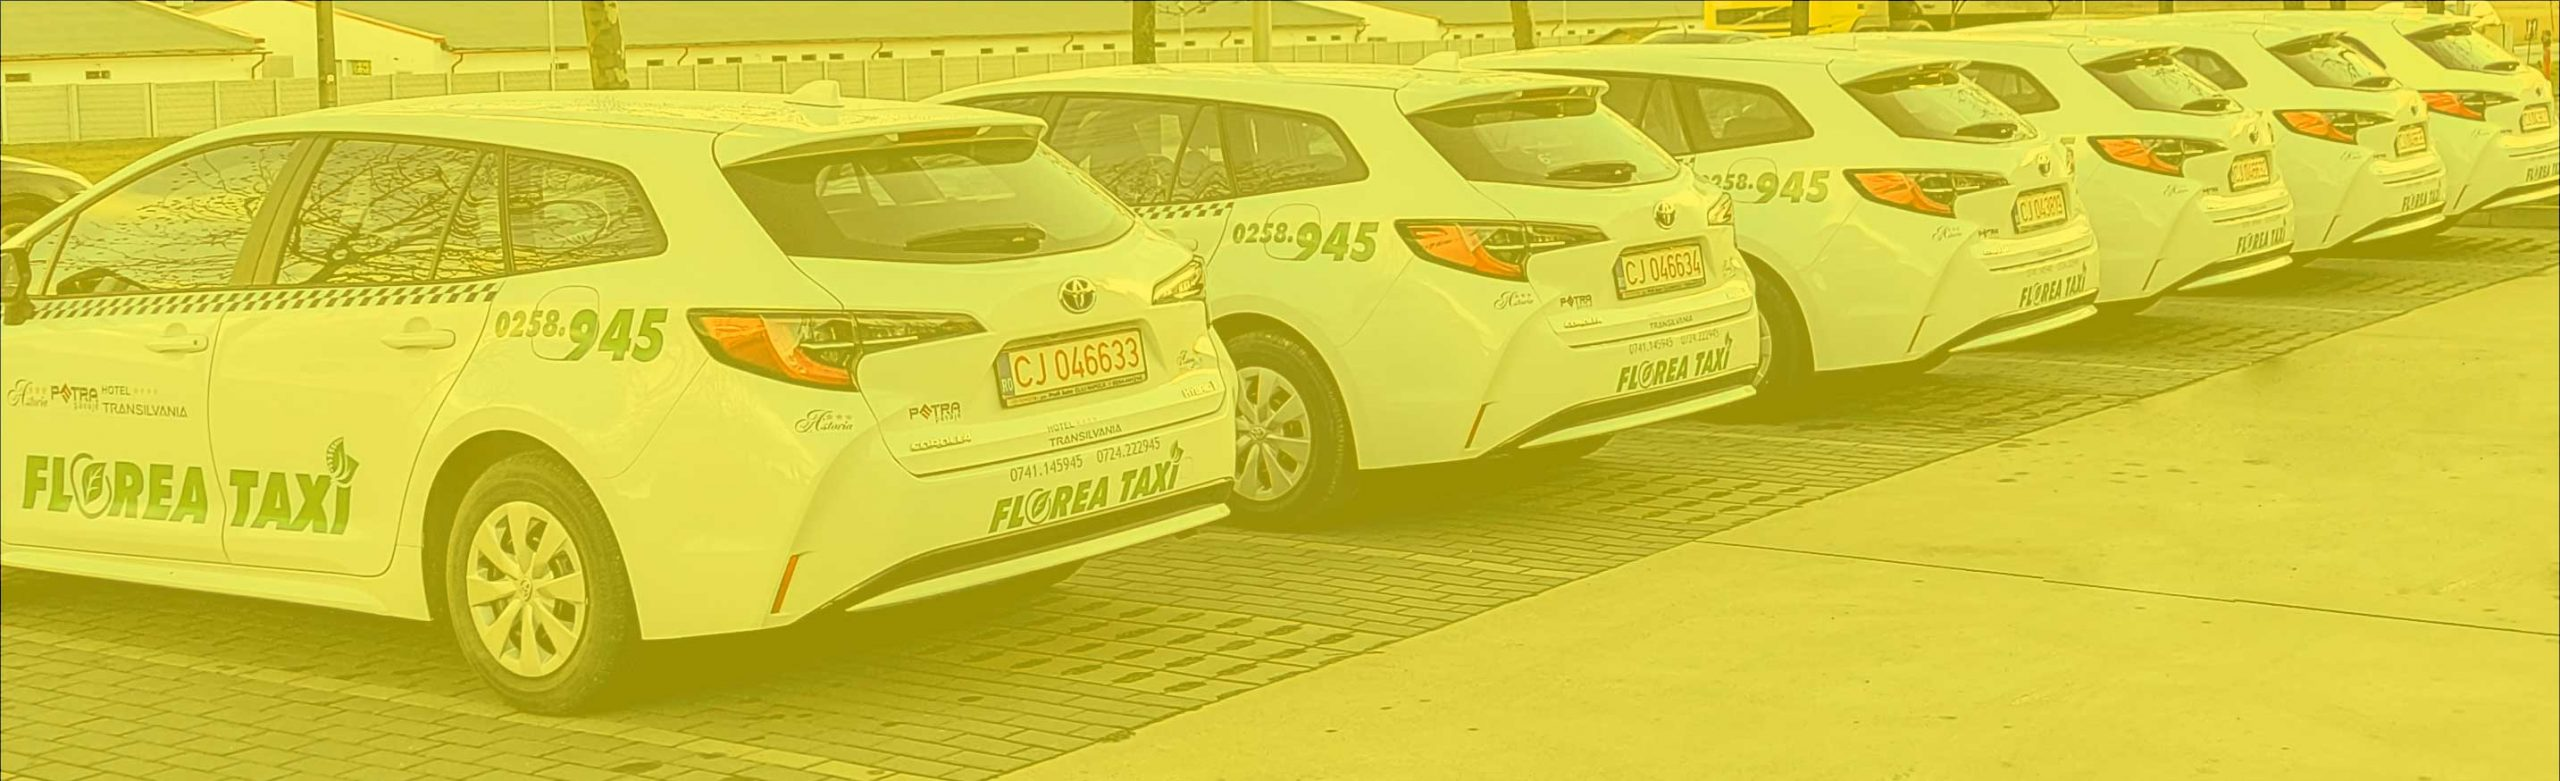 florea taxi web